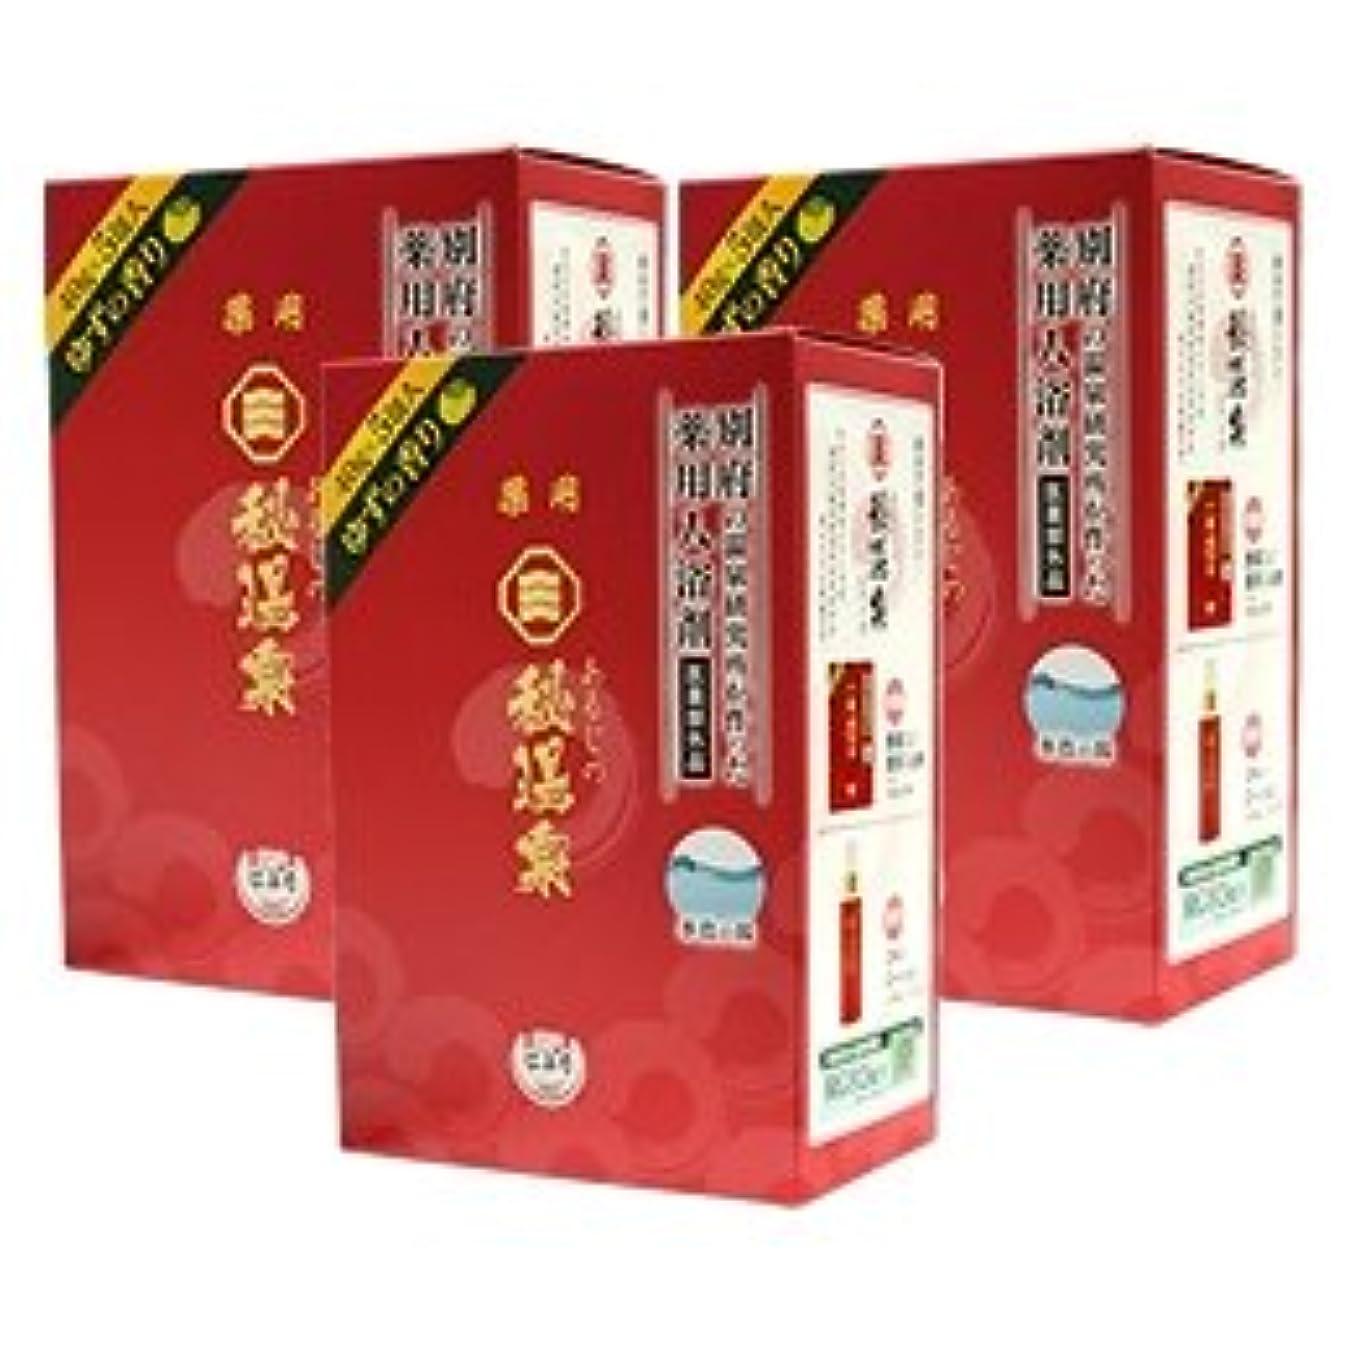 球体露骨な有害薬用入浴剤 あるじの秘湯泉 ×3箱(1箱5包入り)セット